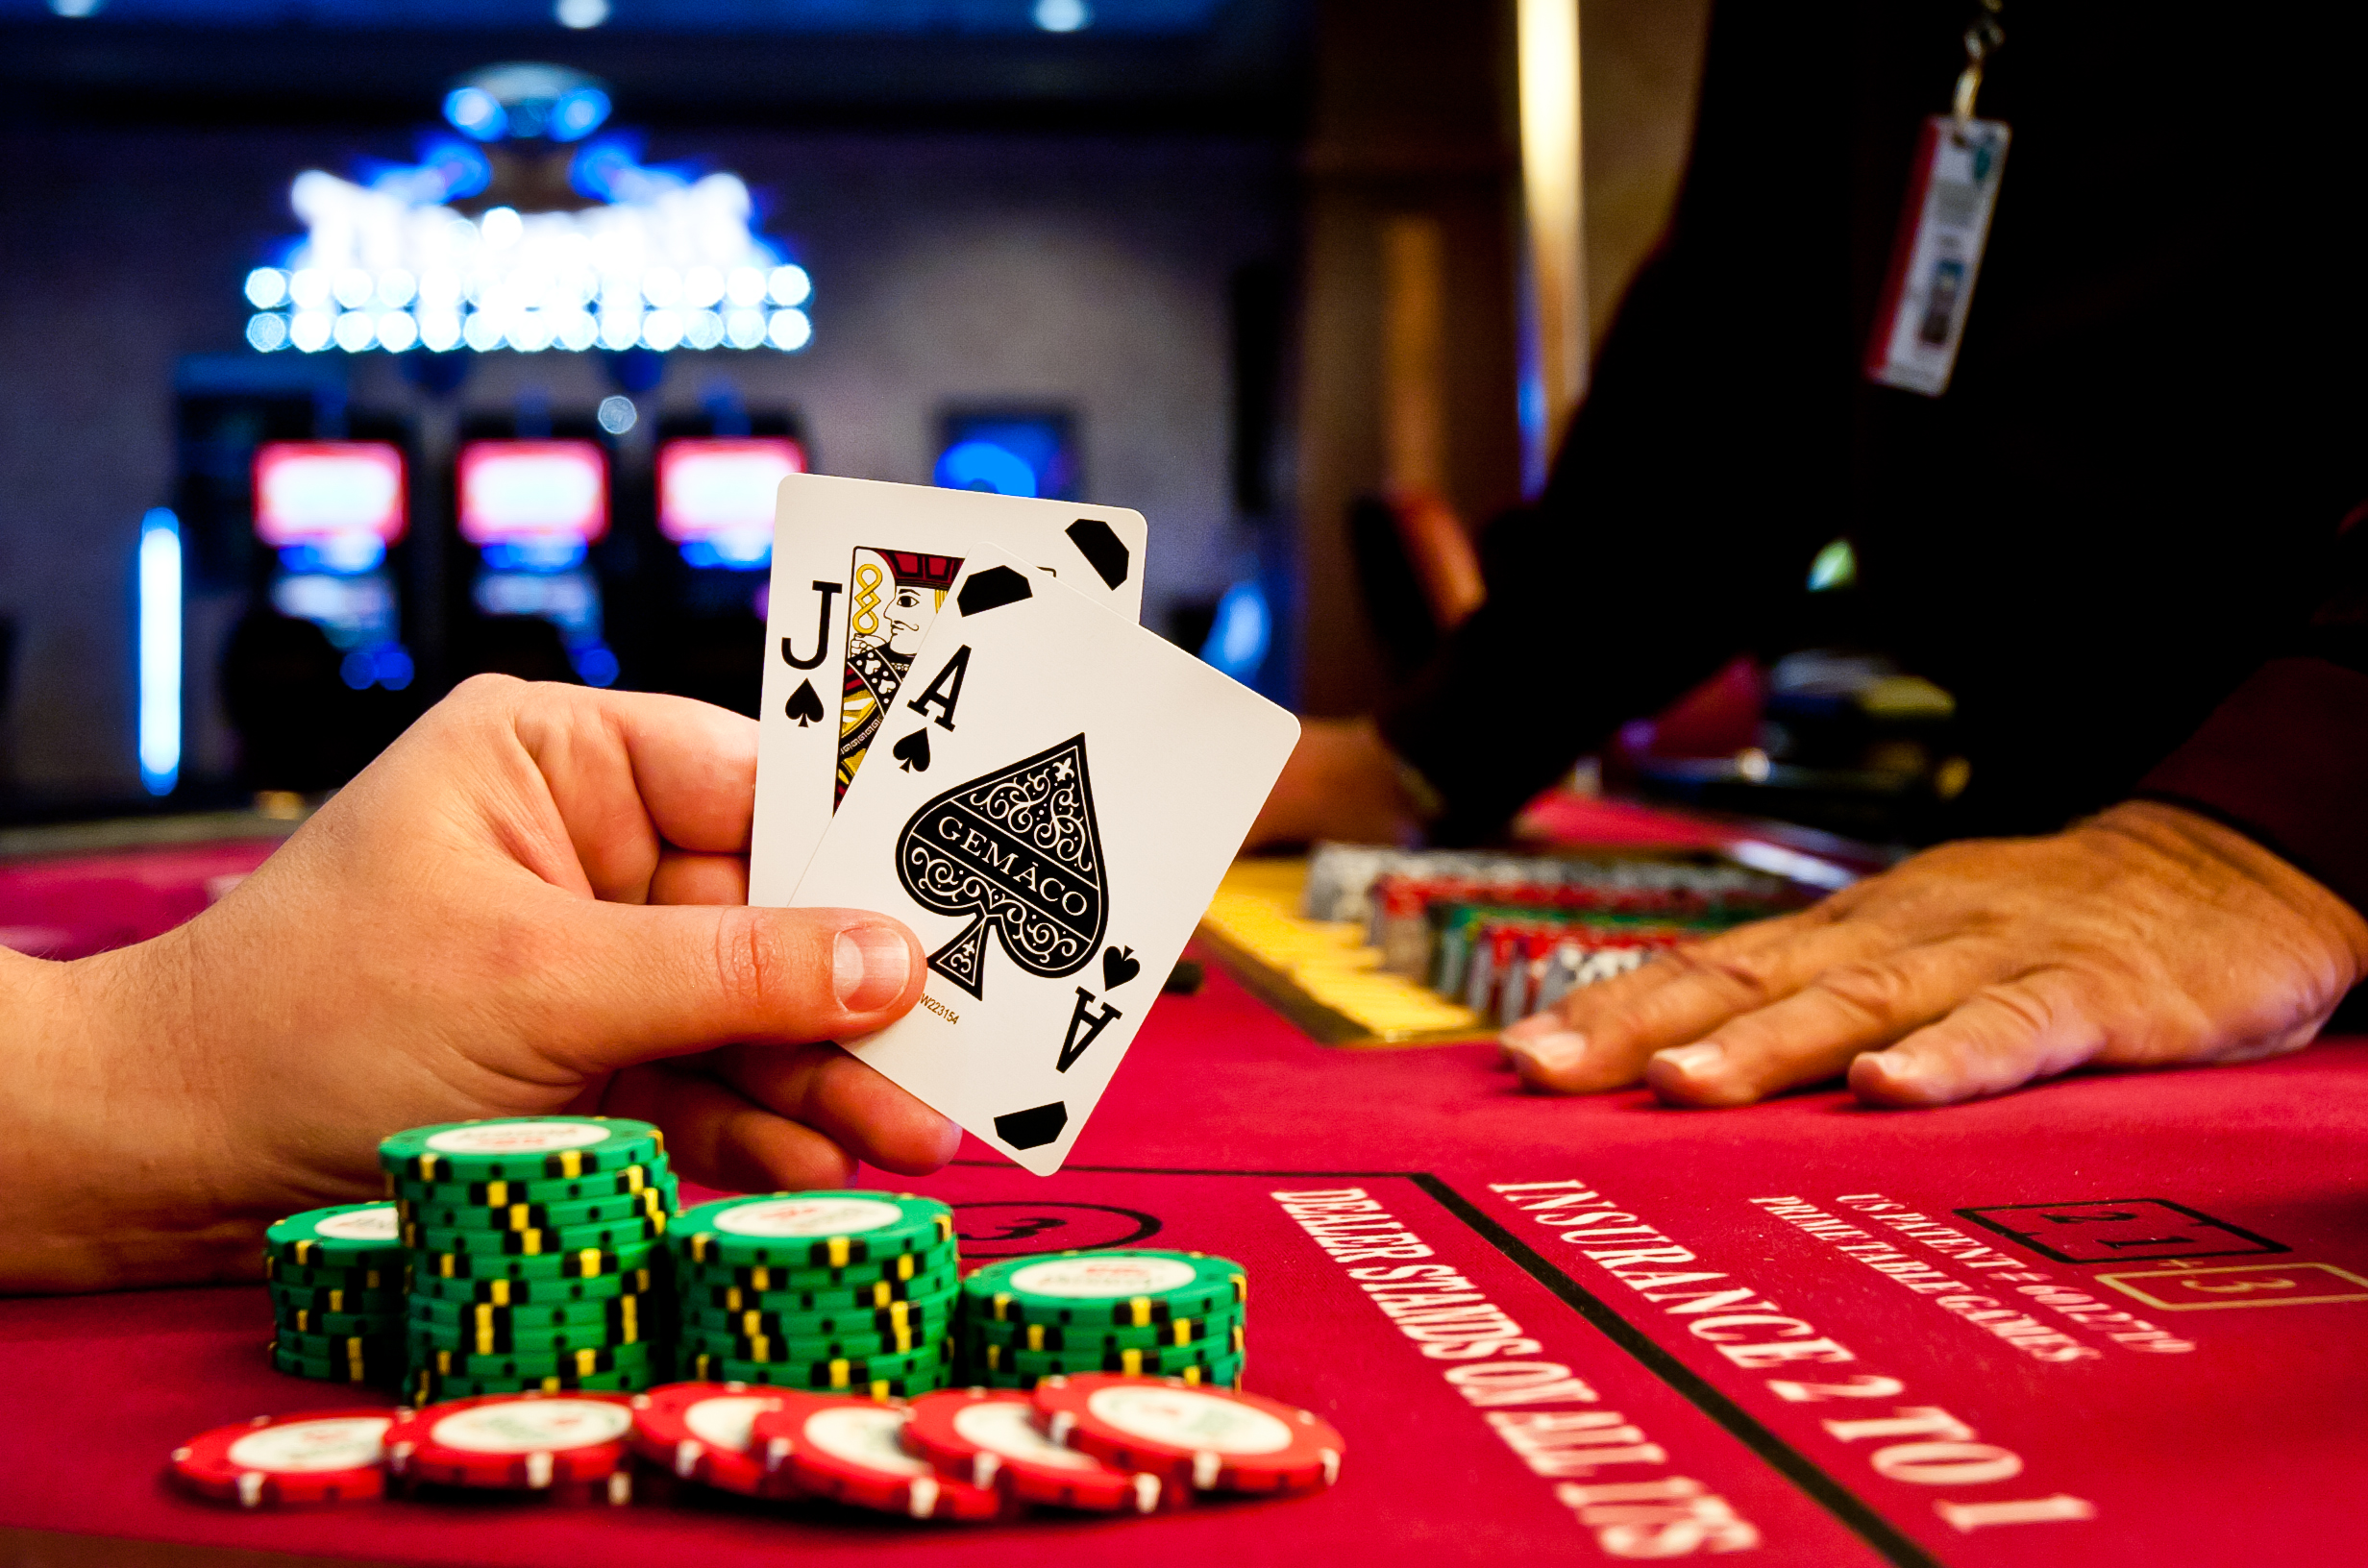 Азартные игры тренинг играть в игровые автоматы свиньи бесплатно без регистрации и смс